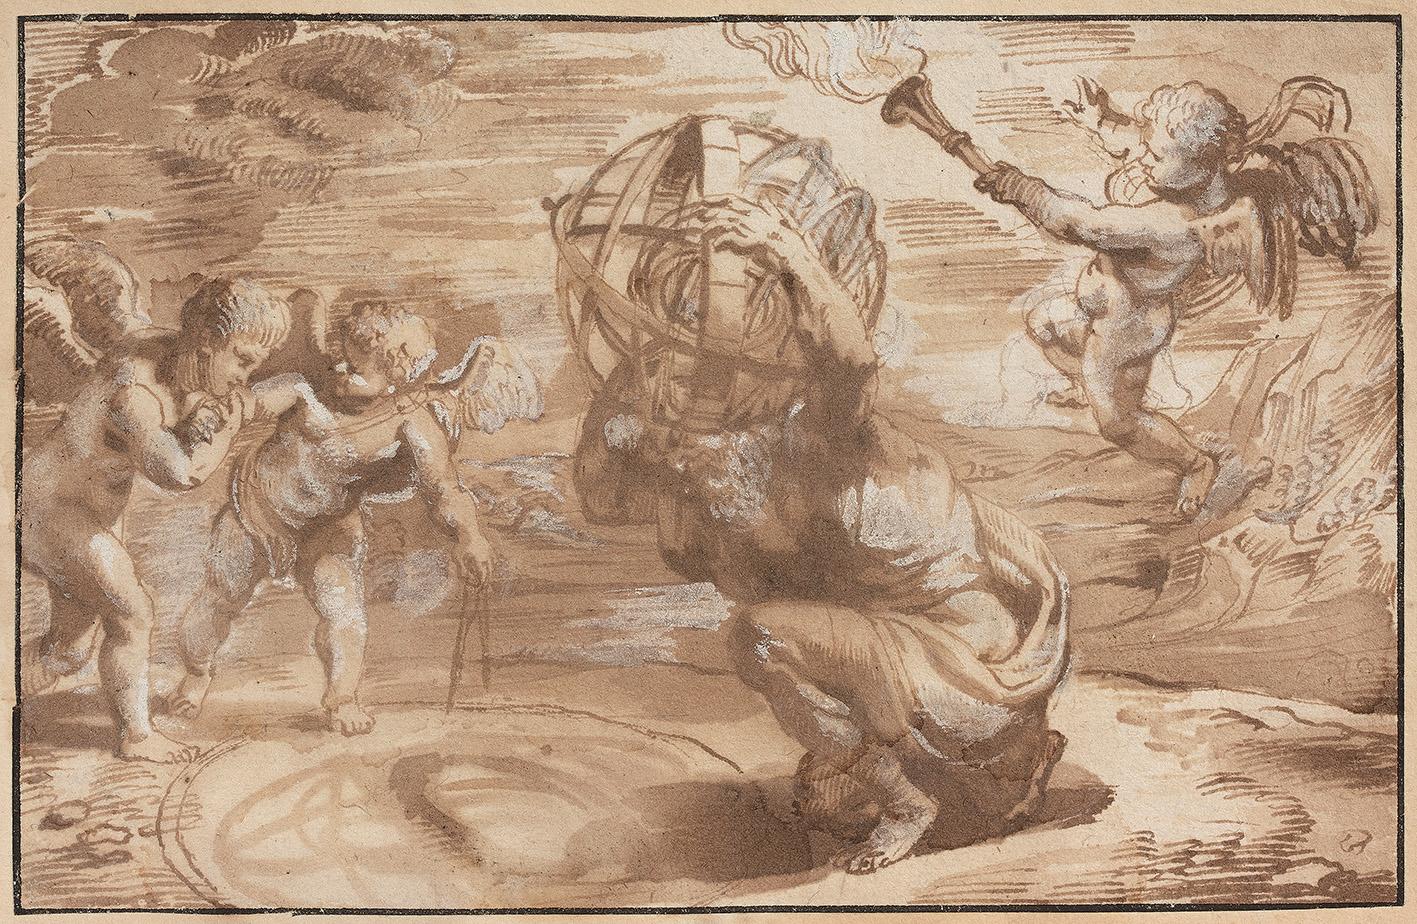 Pierre Paul Rubens(1577-1640), projet de vignette pour l'Opticorum libri sex de Franciscus Aguilon, vers 1613, plume et encre brune, lavi